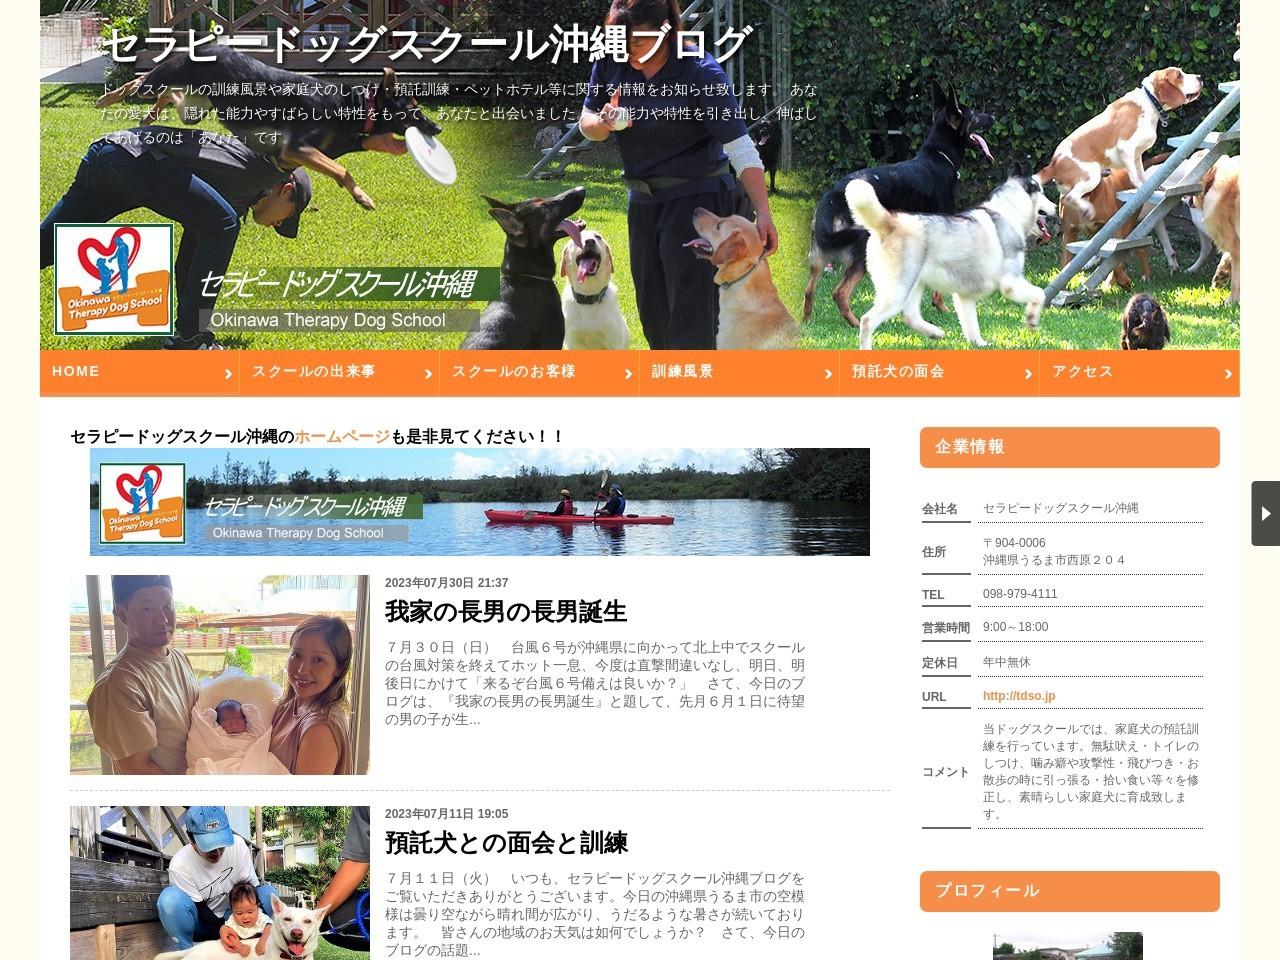 セラピードッグスクール沖縄